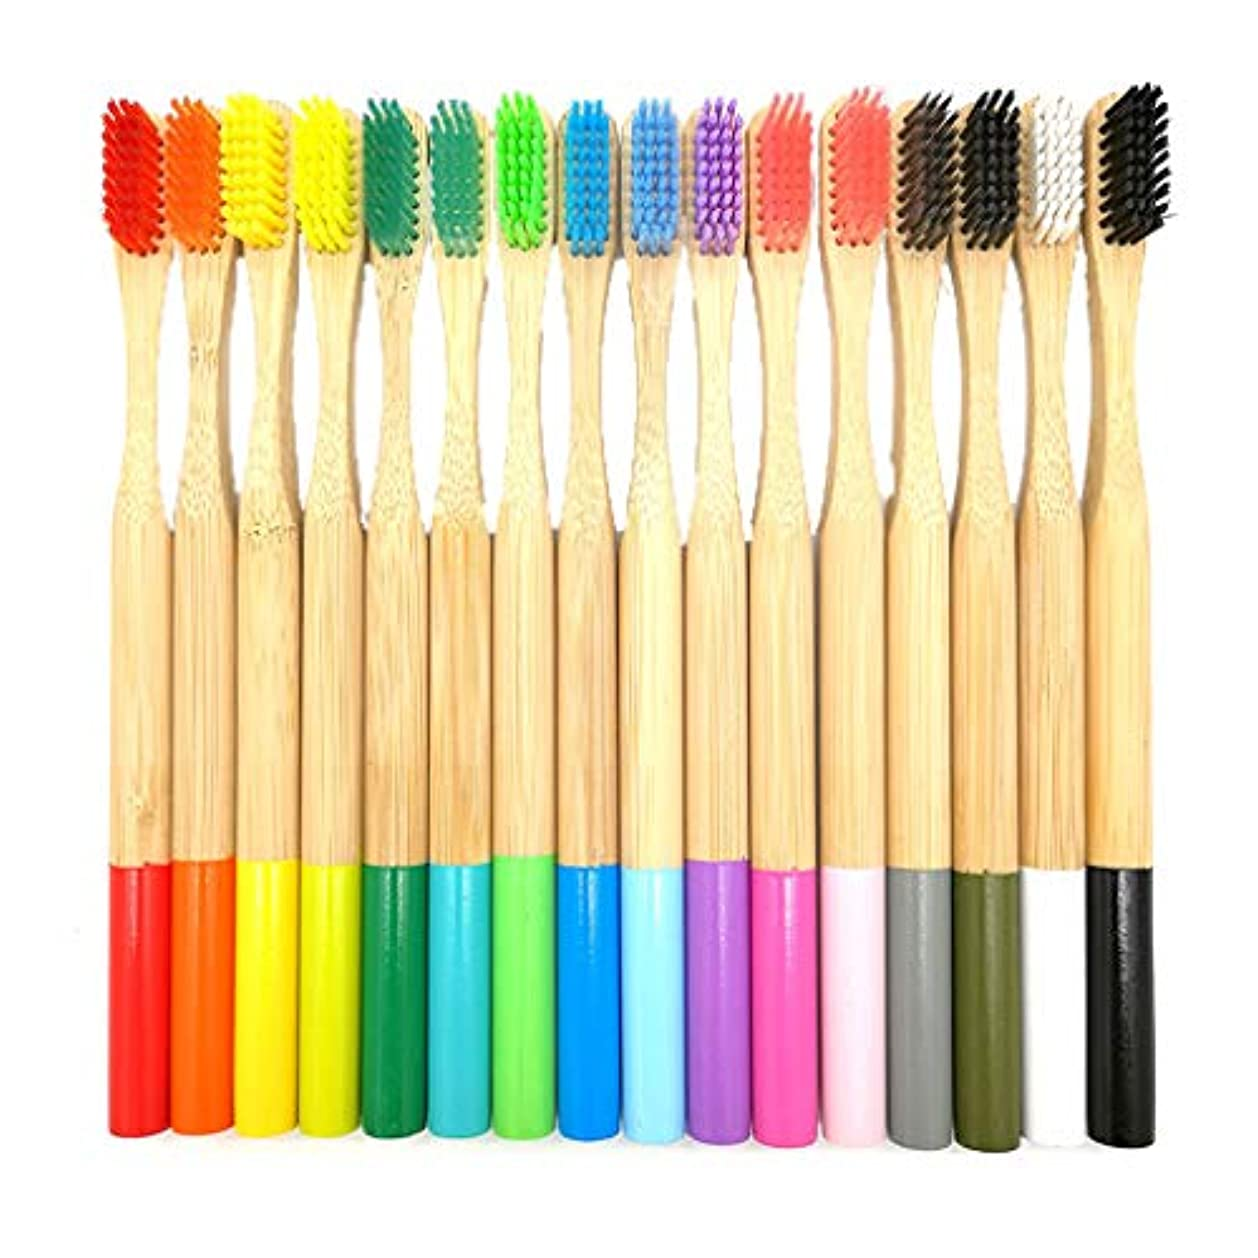 会話型数学ラベンダーLazayyii 成人 竹製の歯ブラシ オーラルケア 竹繊維 やわらかい歯ブラシ 人気16本 (マルチカラー)